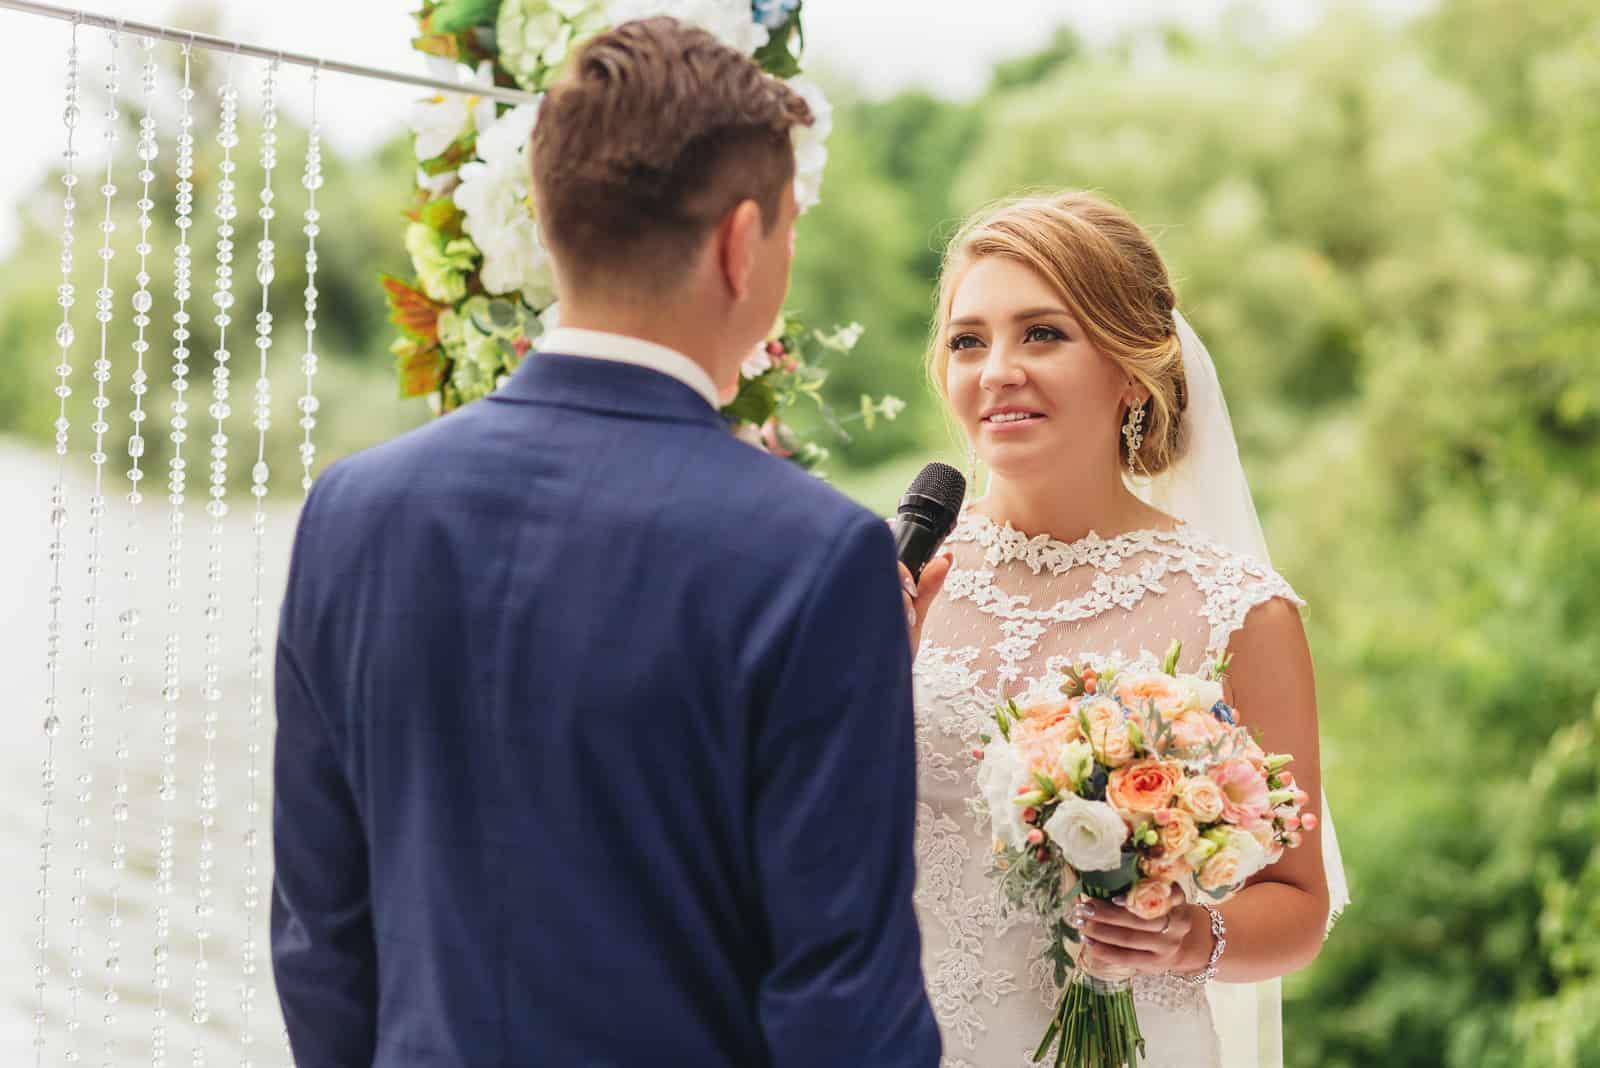 une femme parle dans un micro lors d'un mariage